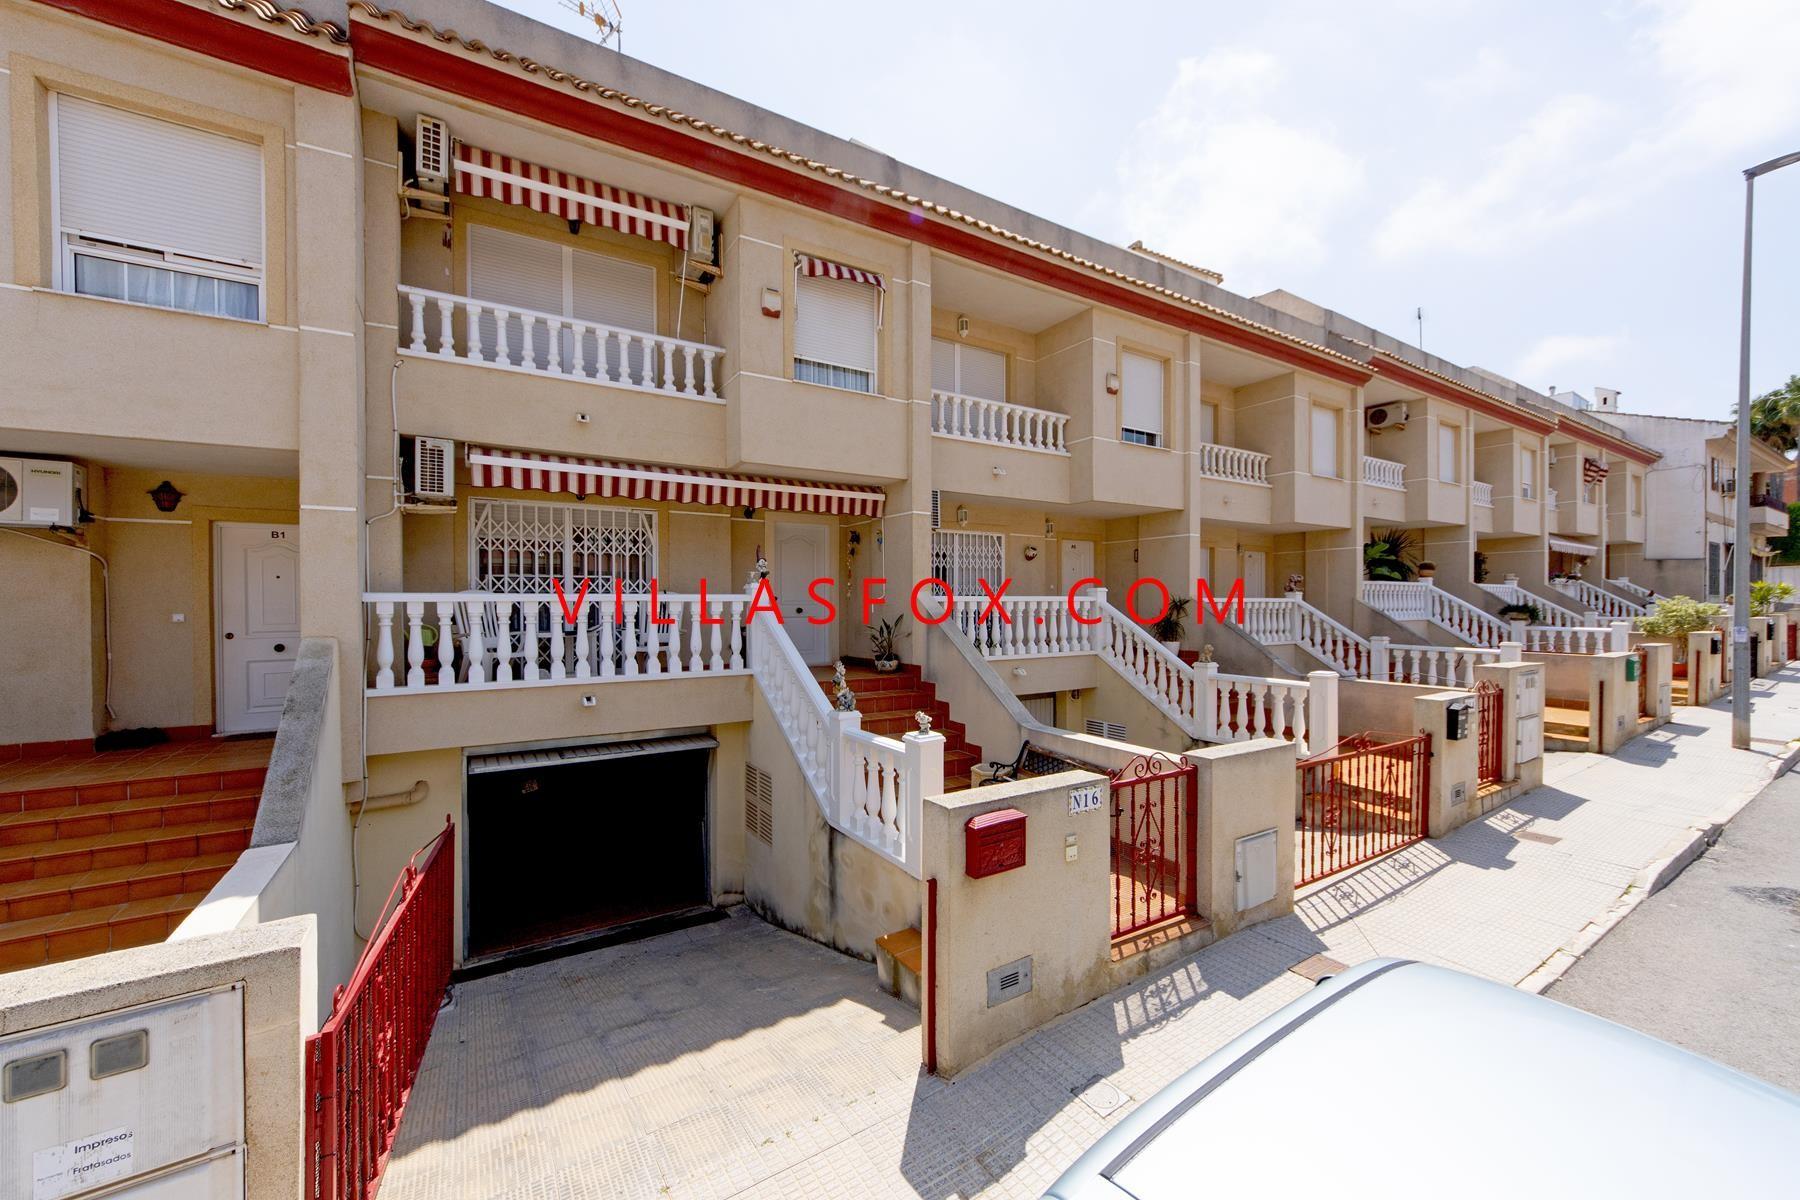 San Miguel de Salinas 4-bedroom townhouse with garage